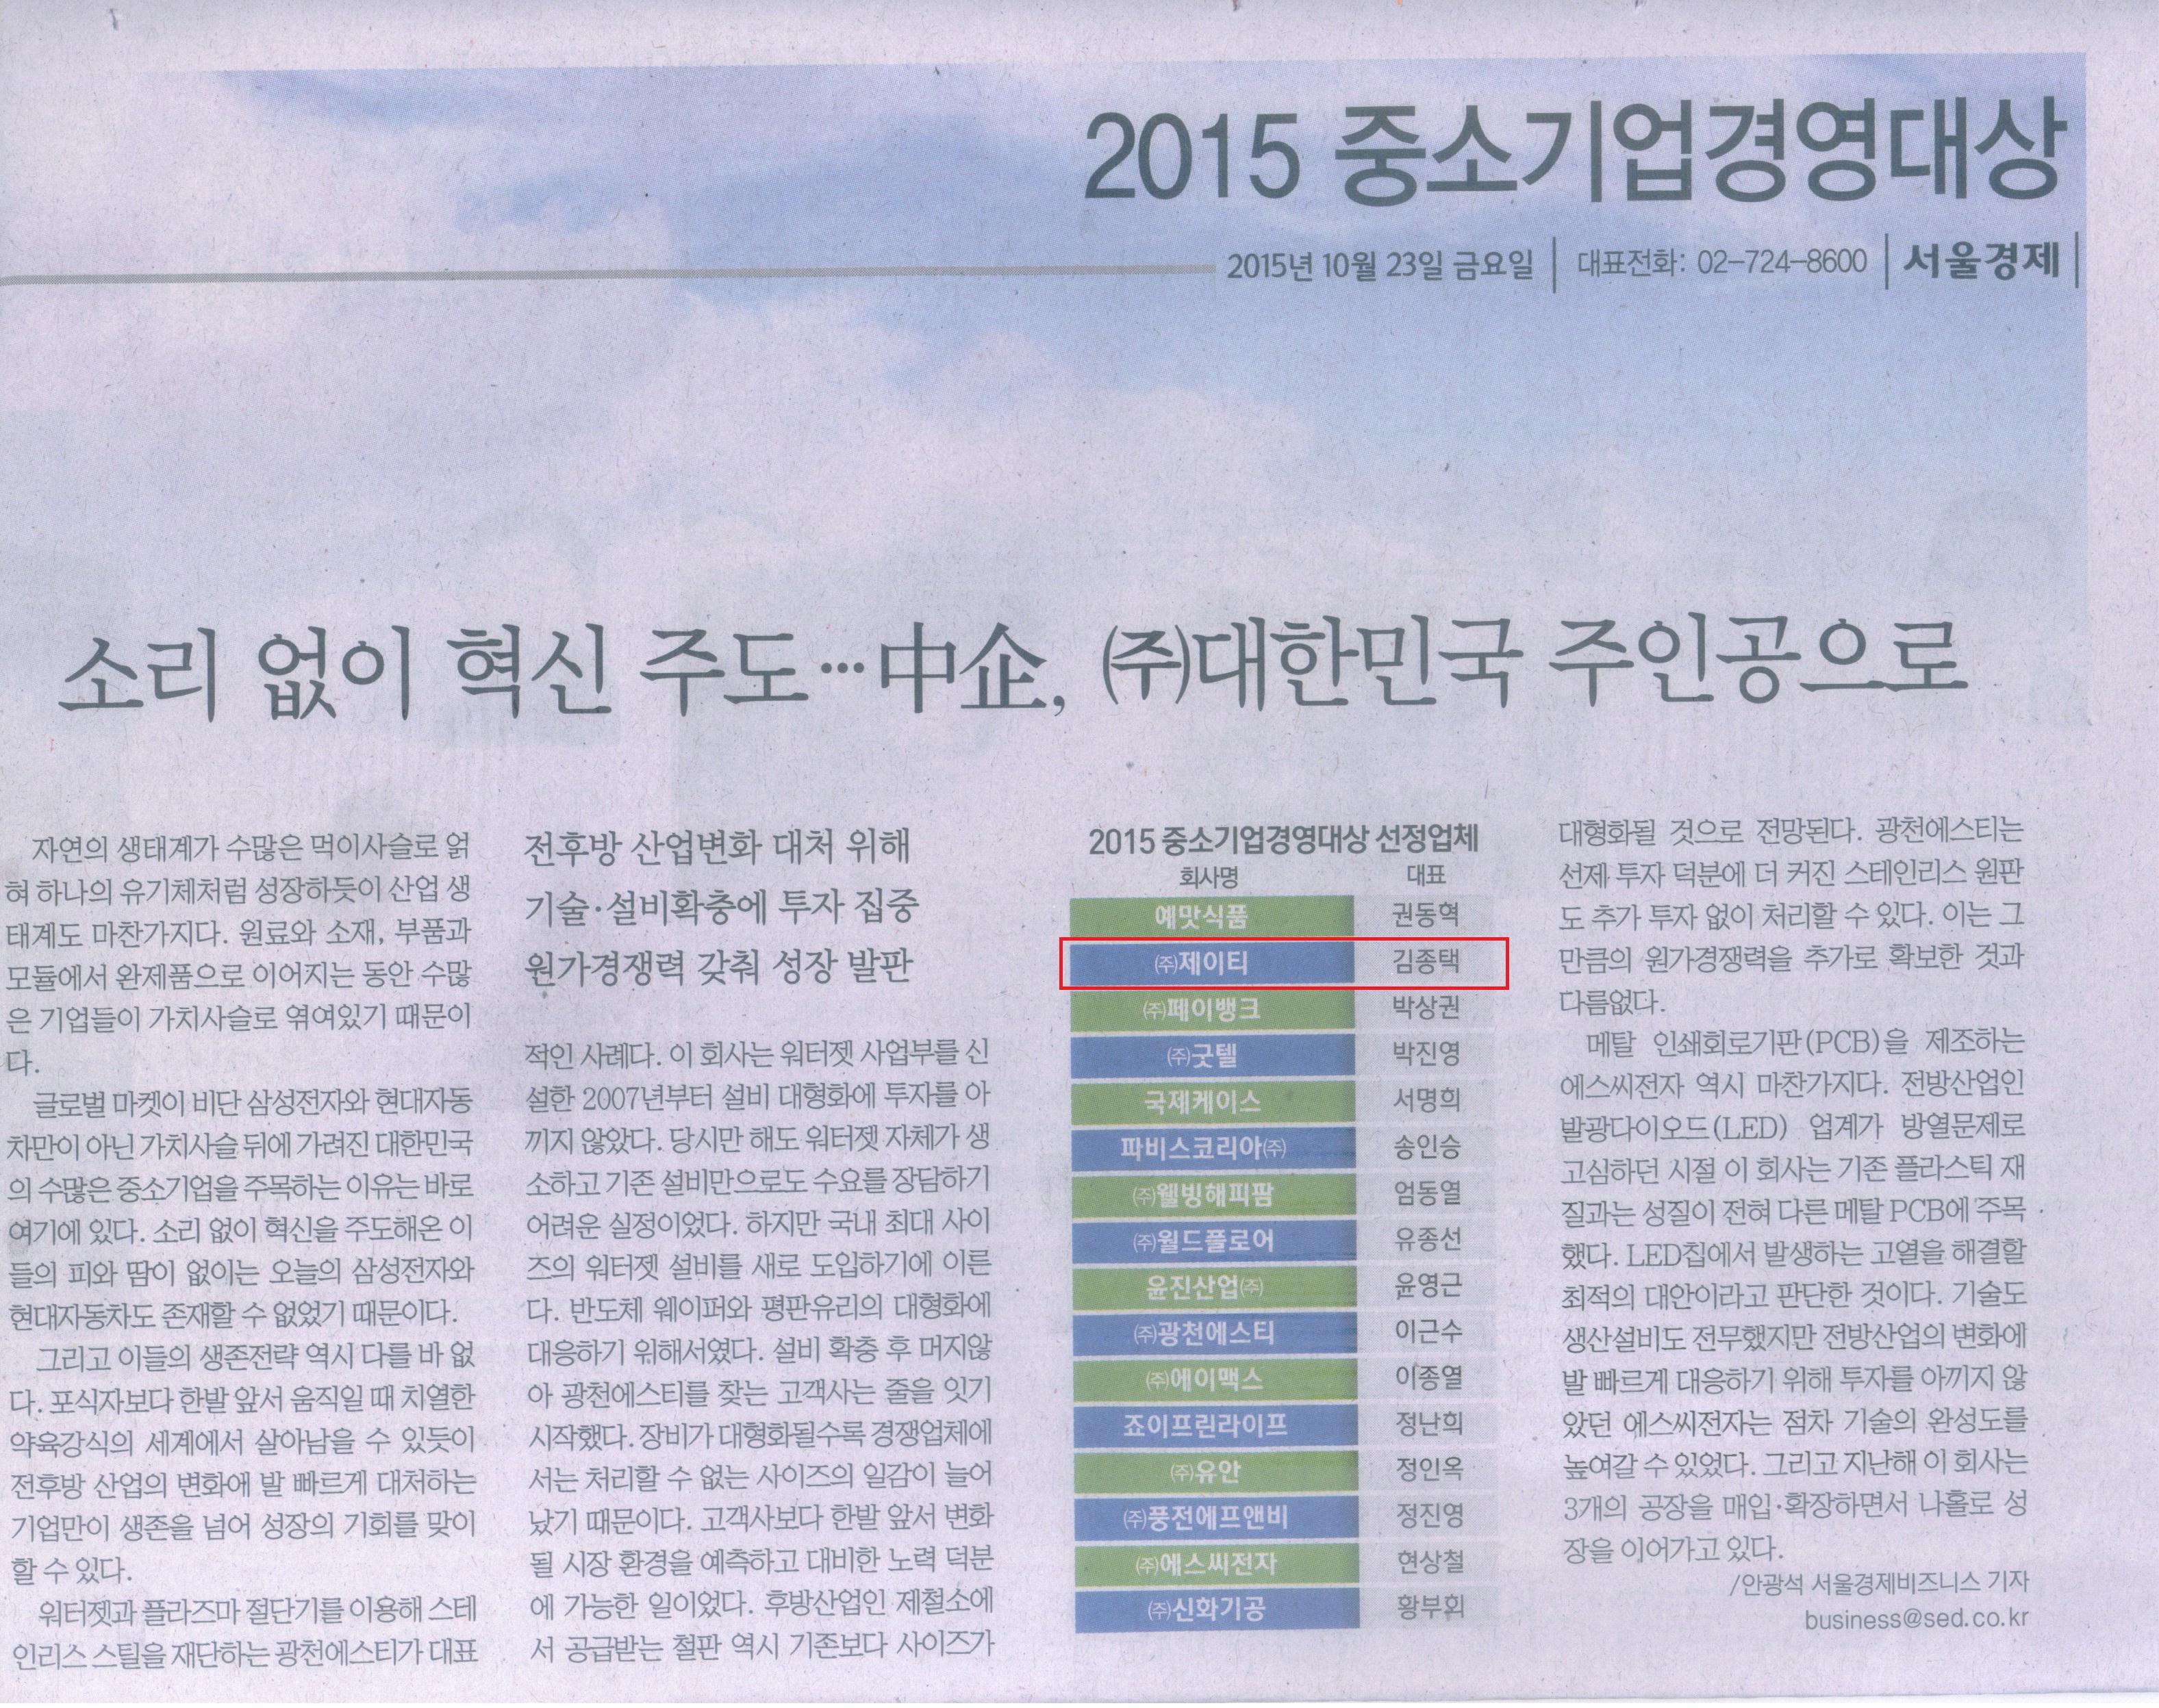 서울경제신문_중소기업경영대상 관련기사2.jpg